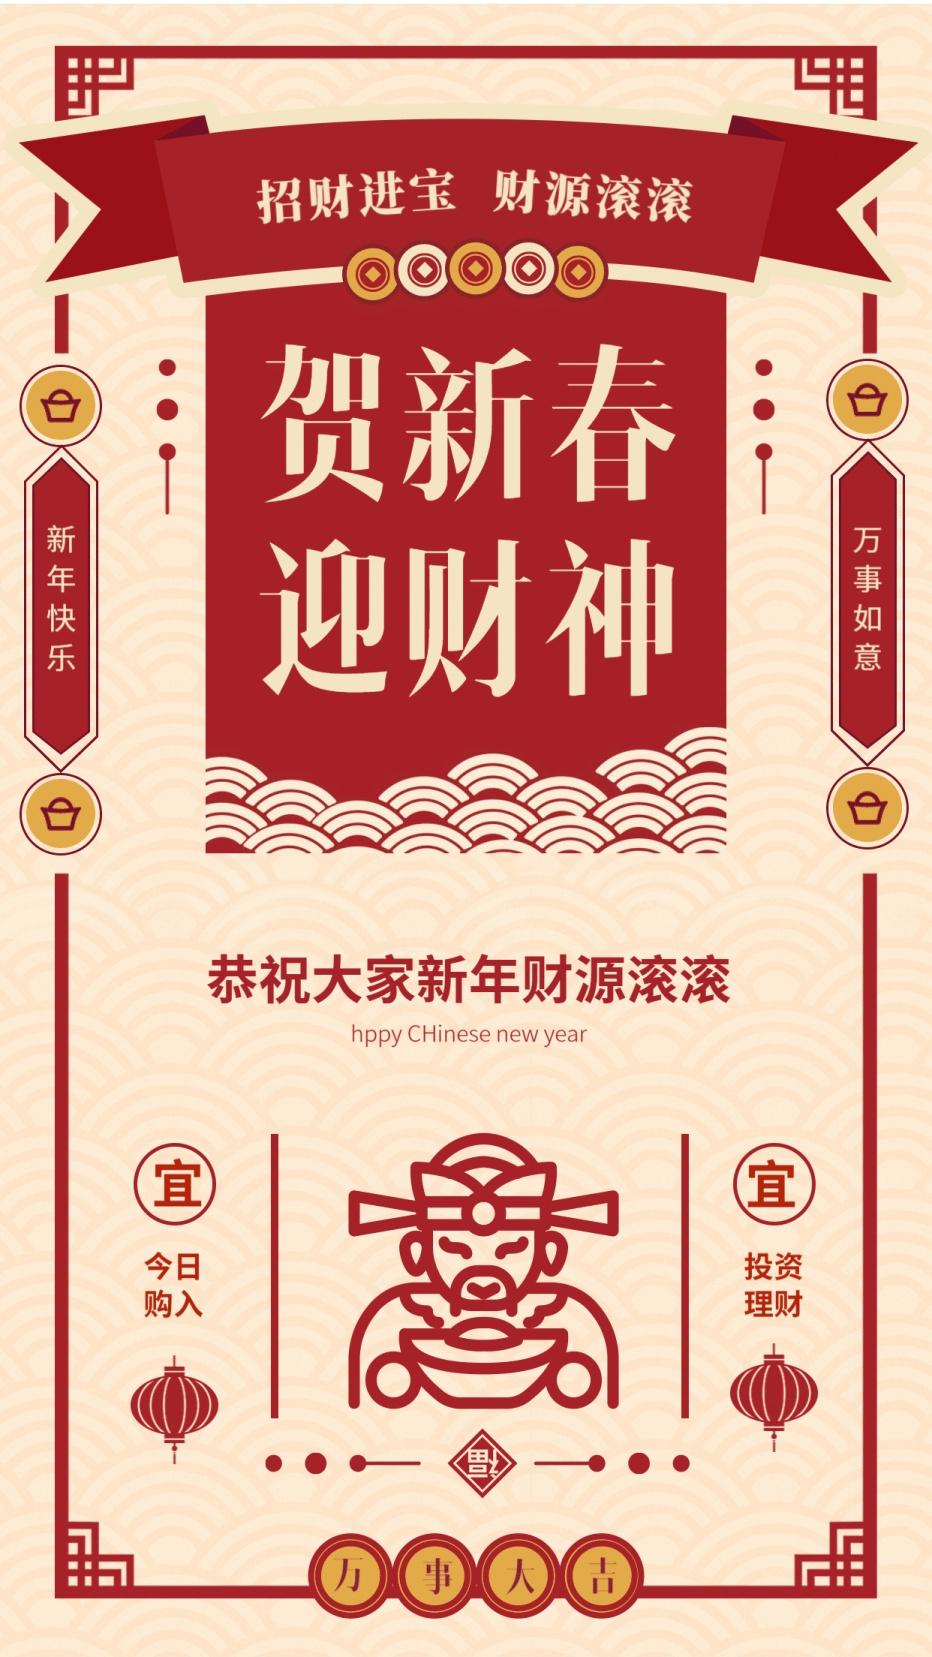 贺新春迎财神新年祝福海报